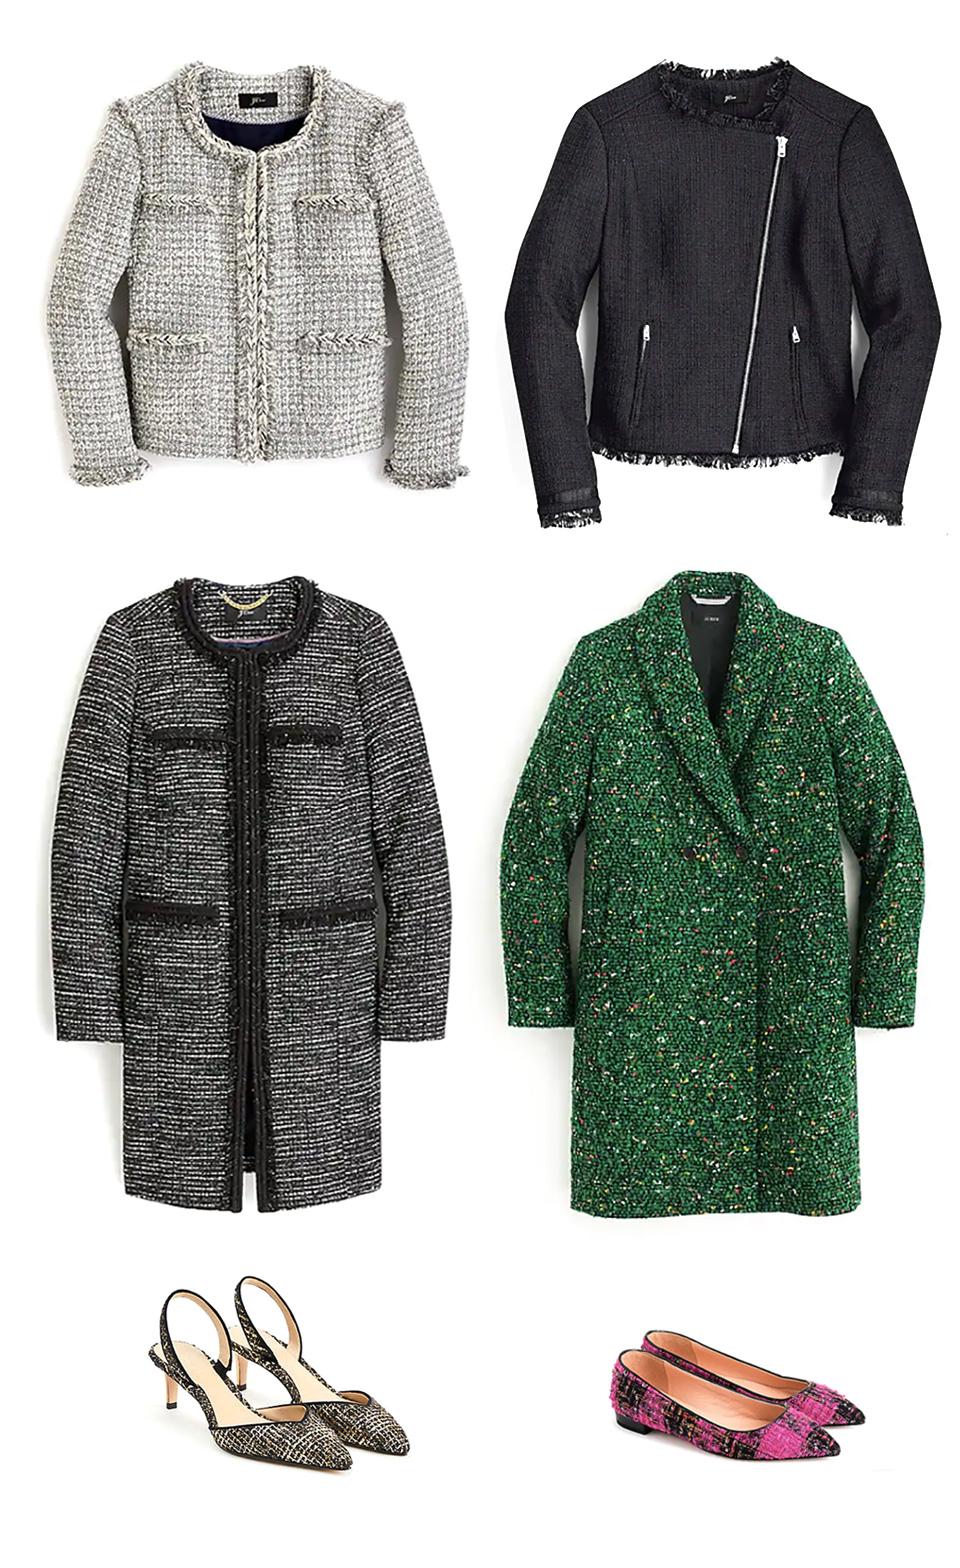 tweed_coats2.jpg